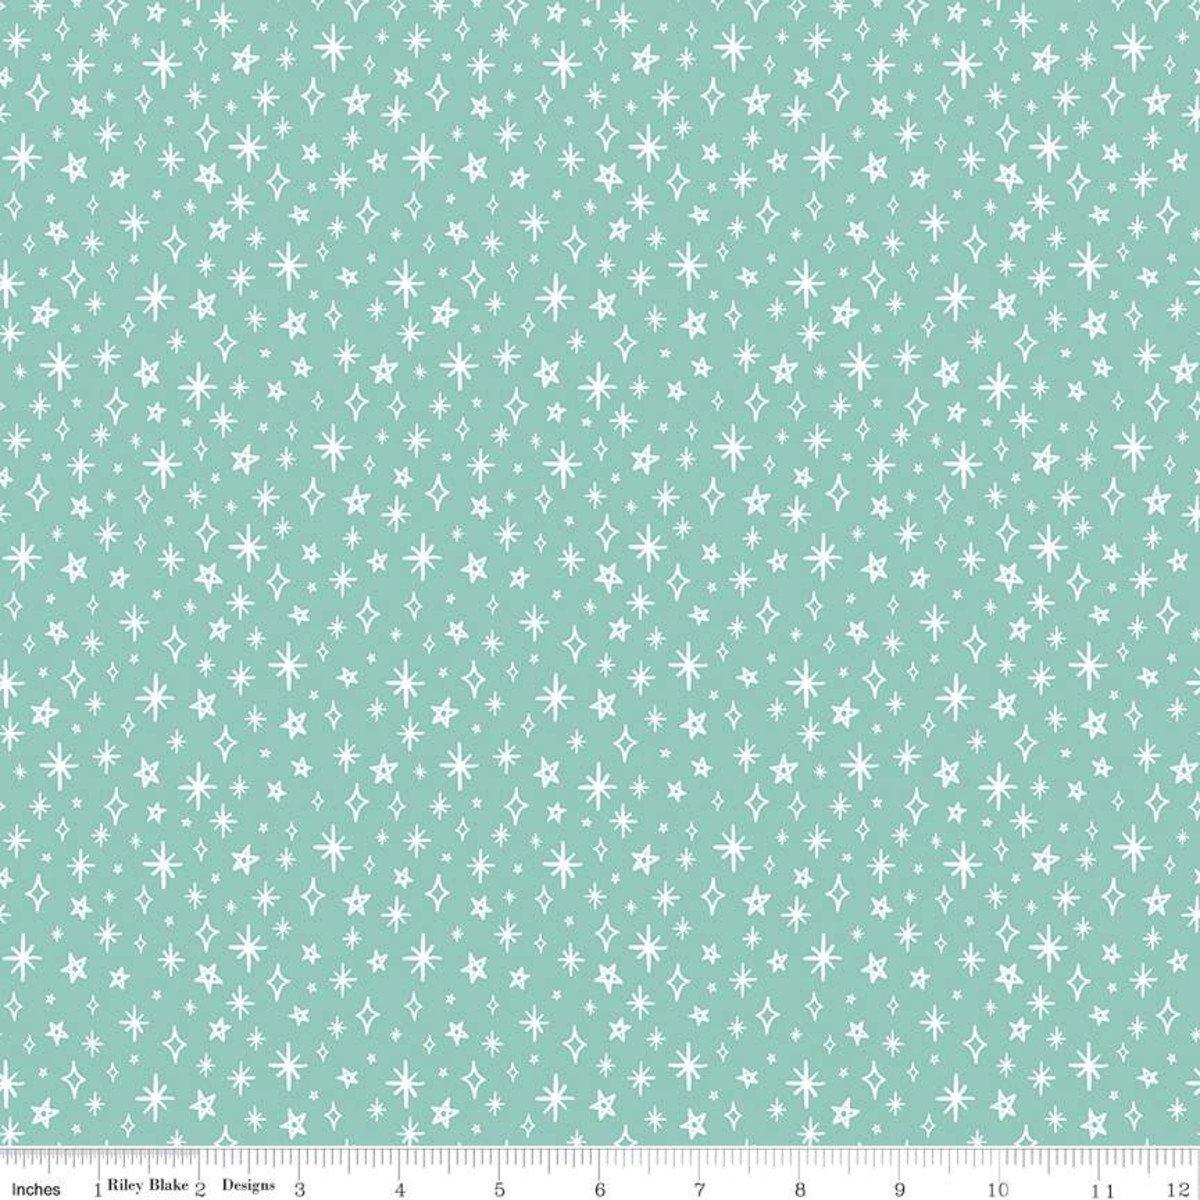 Mint - Sparkle - Girl Power - C10654-MINT